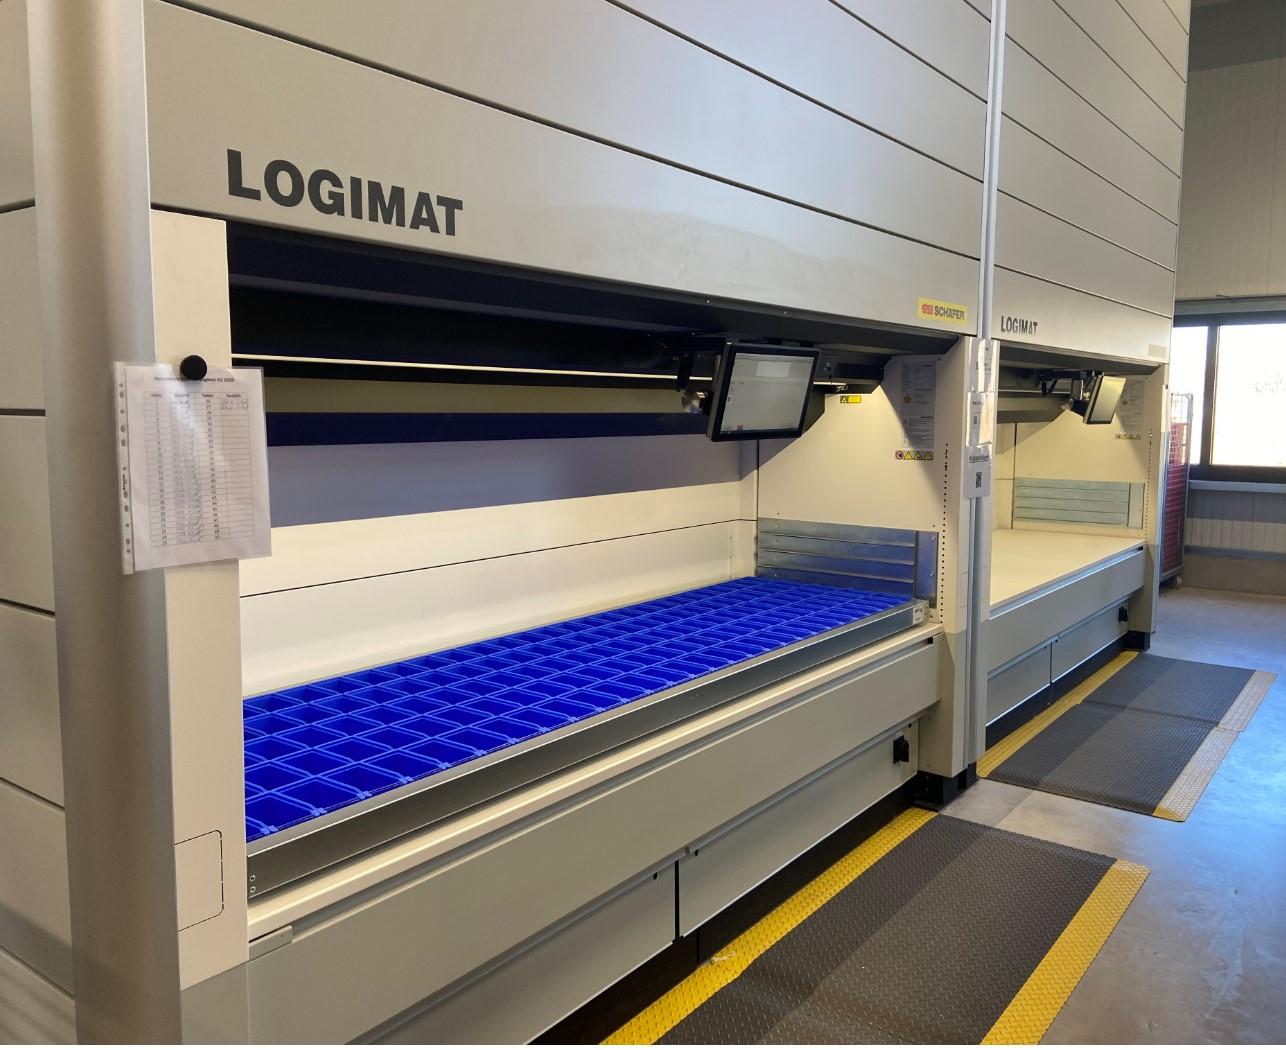 KABATEC Warehouse System – Logimat